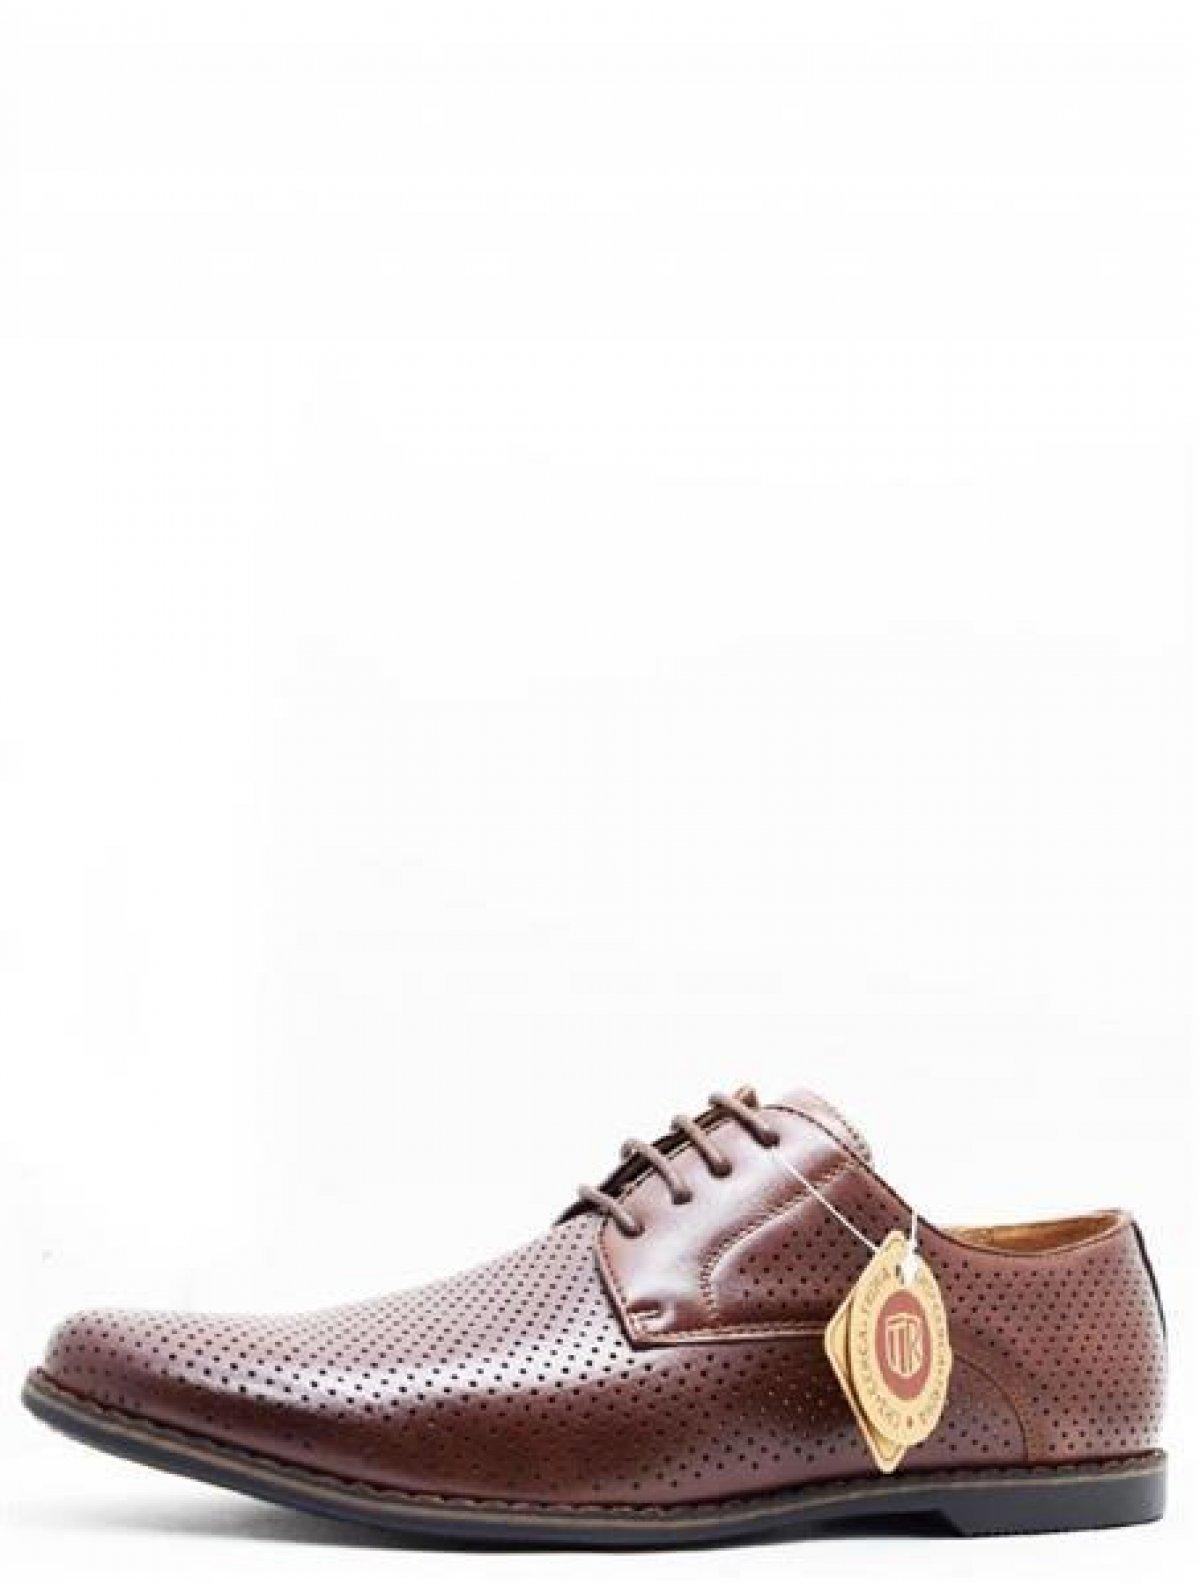 167012/01-02 туфли мужские